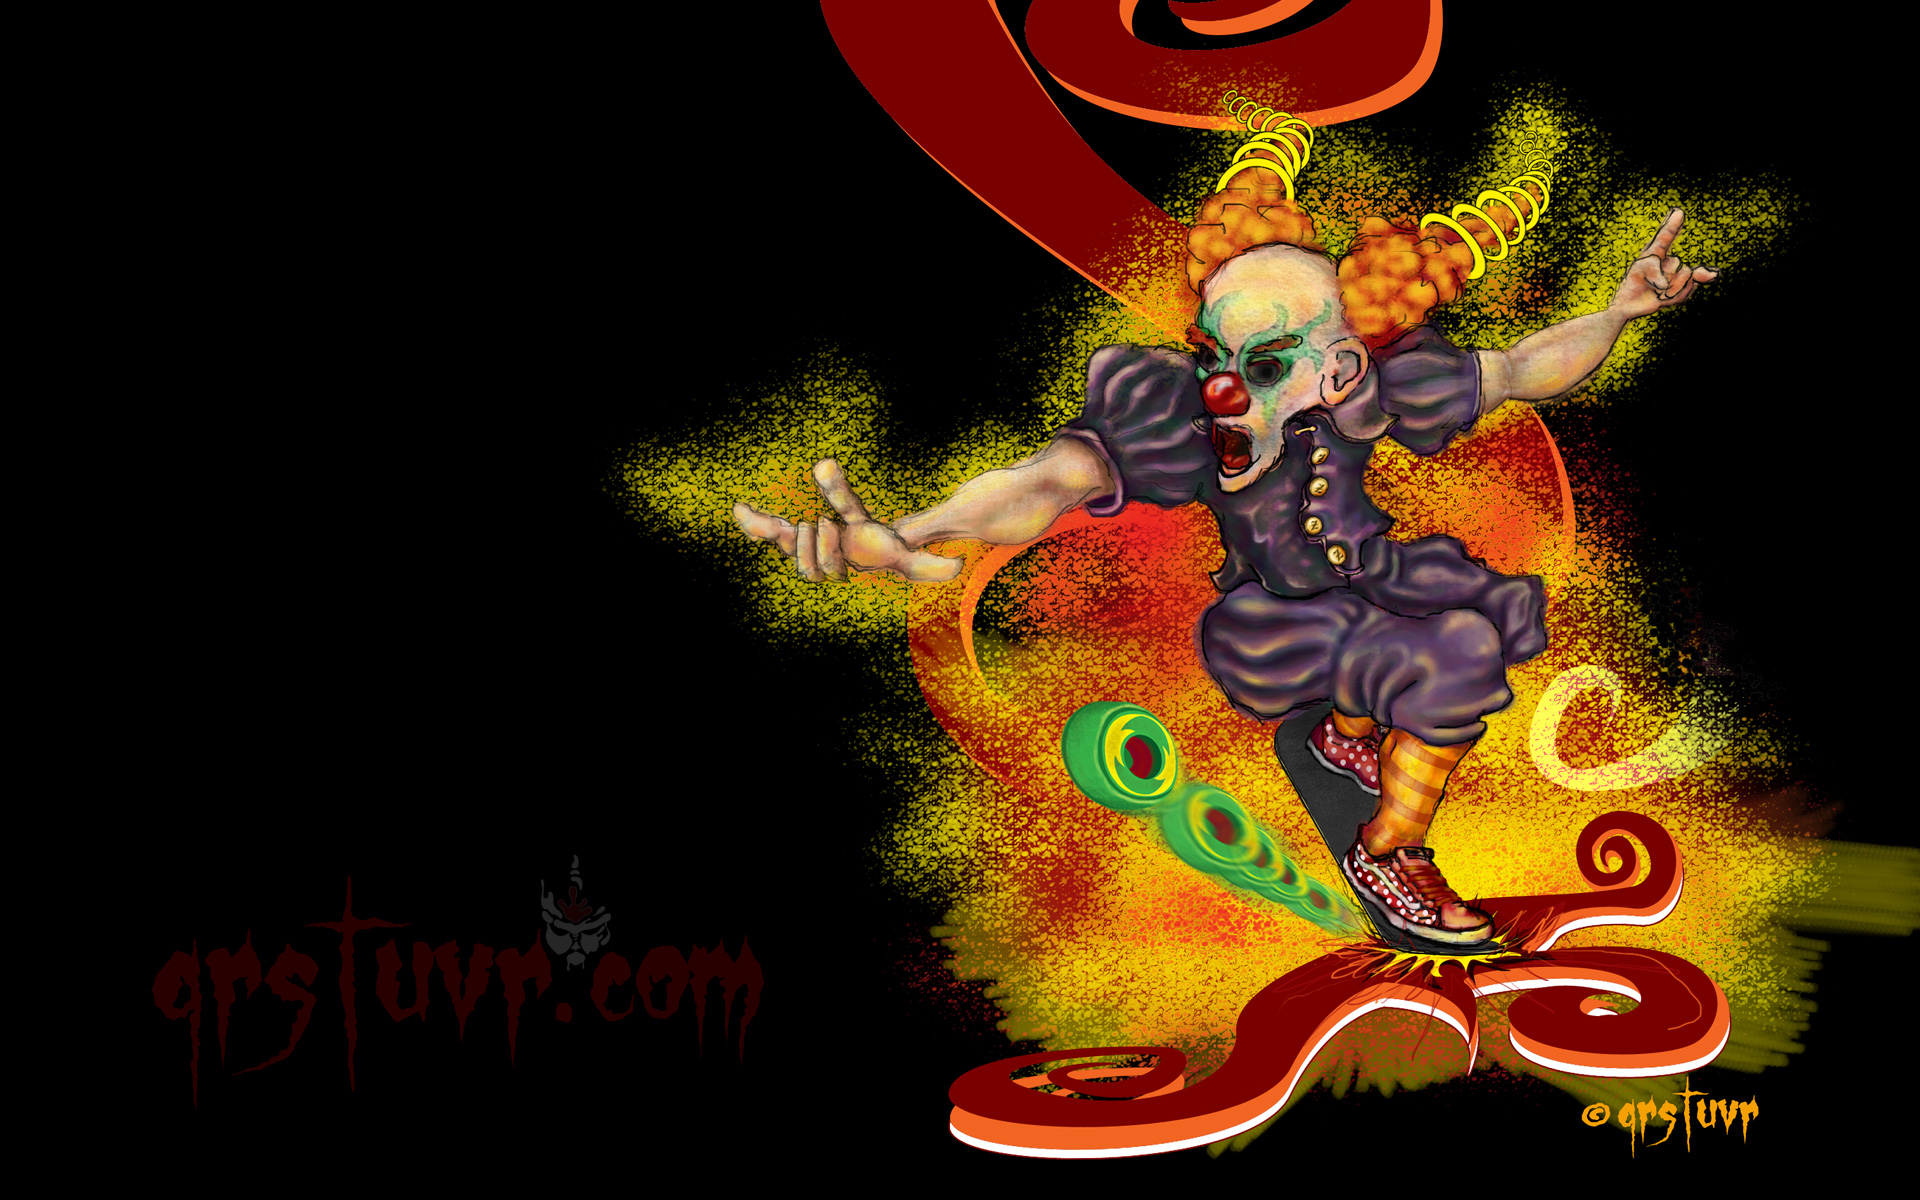 48 clown wallpaper 1080p on wallpapersafari - Circus joker wallpaper ...